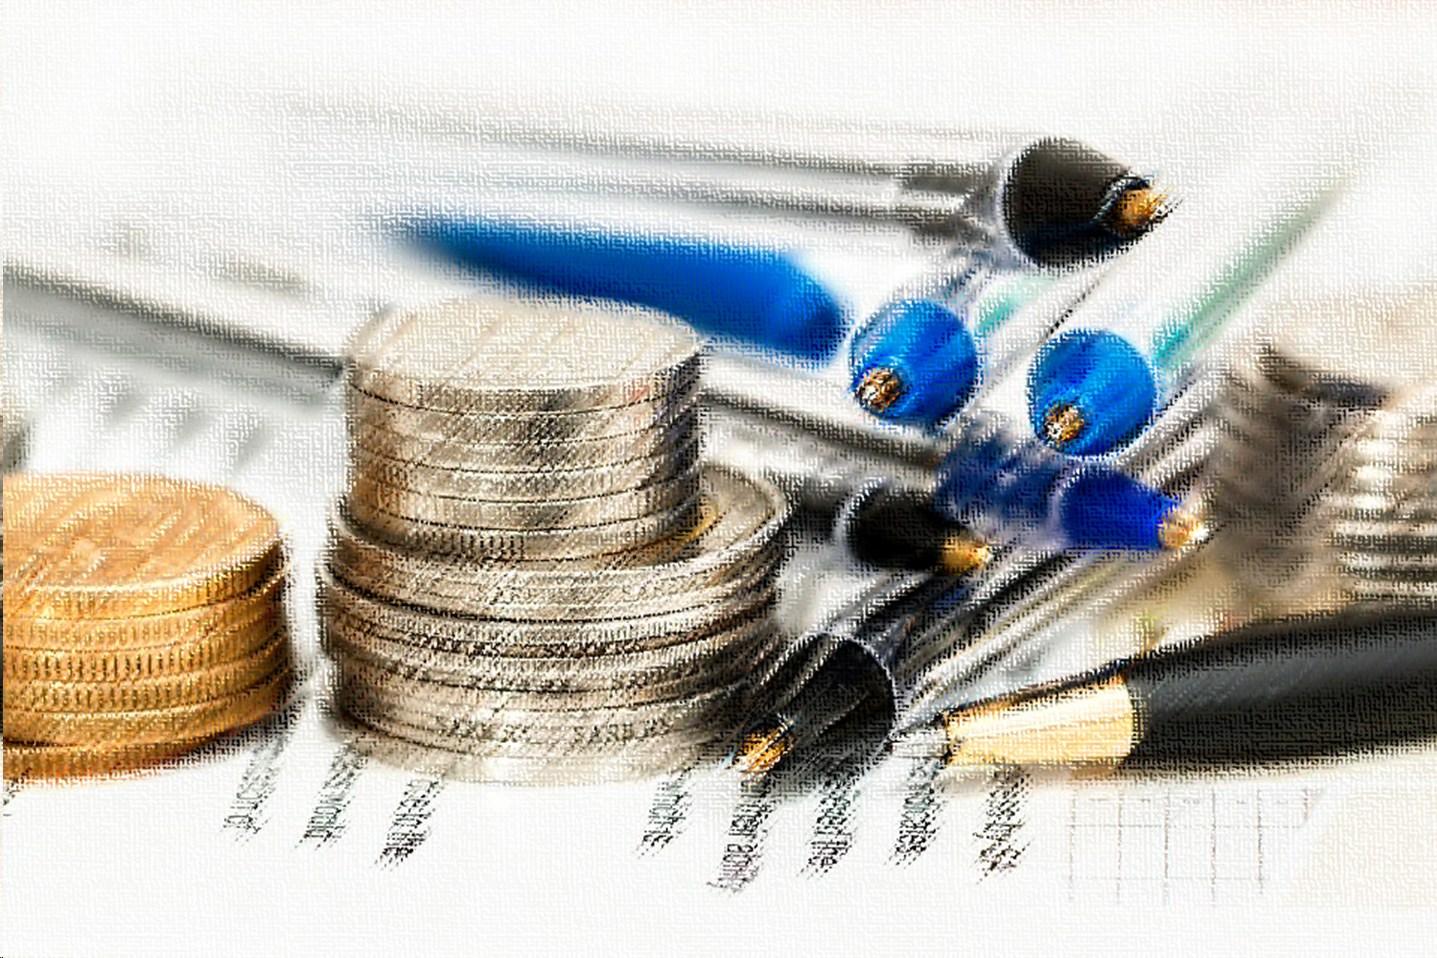 foto-cc0-pixabay-stevepb-geschaeft-geld-stift-aa